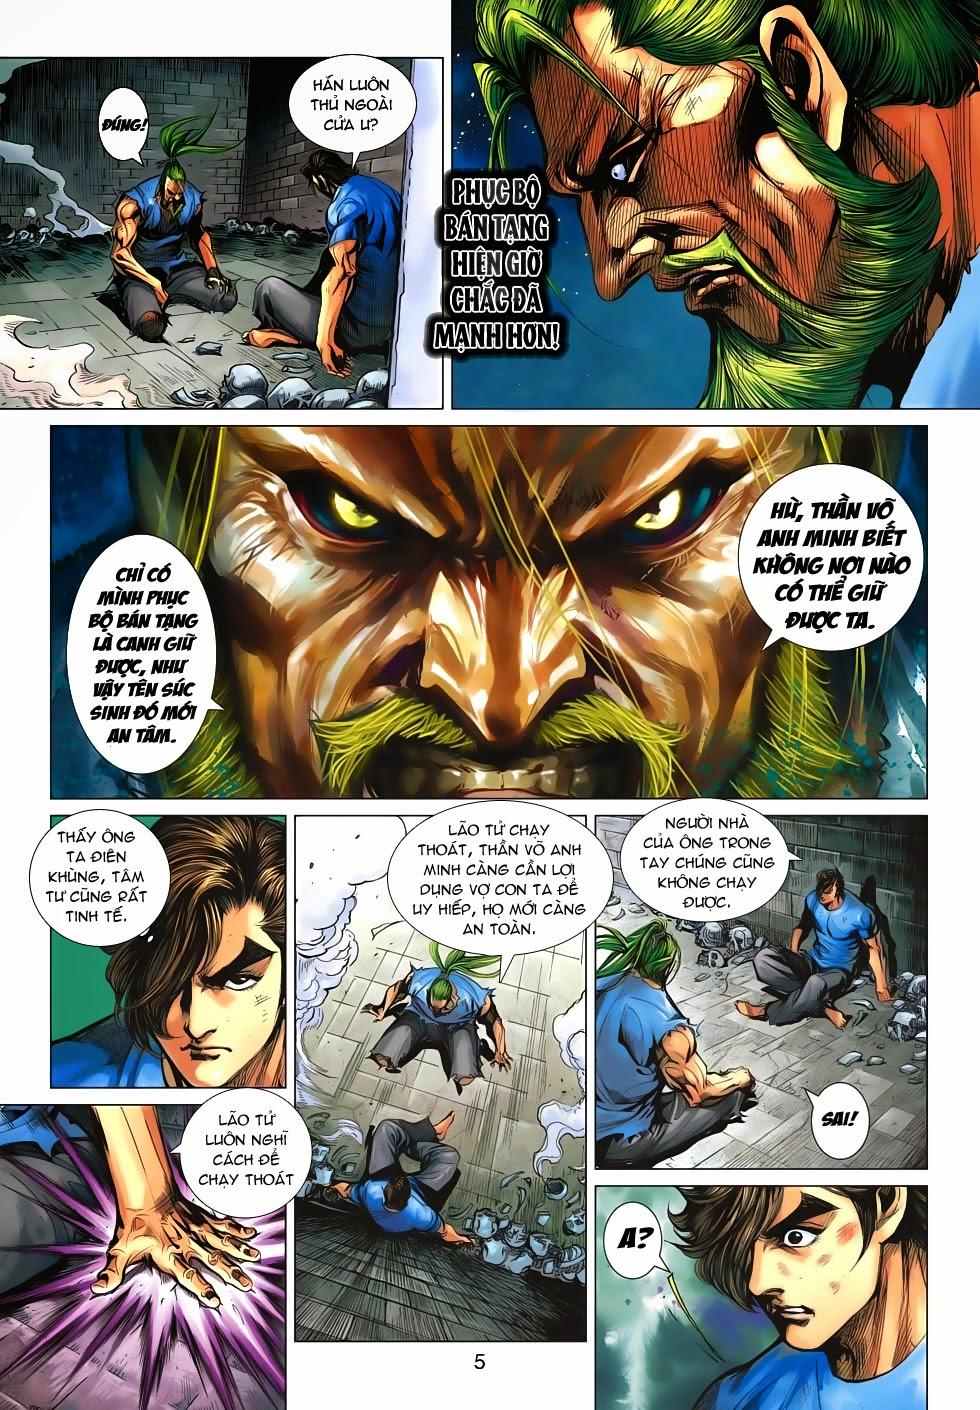 Tân Tác Long Hổ Môn chap 659 - Trang 5